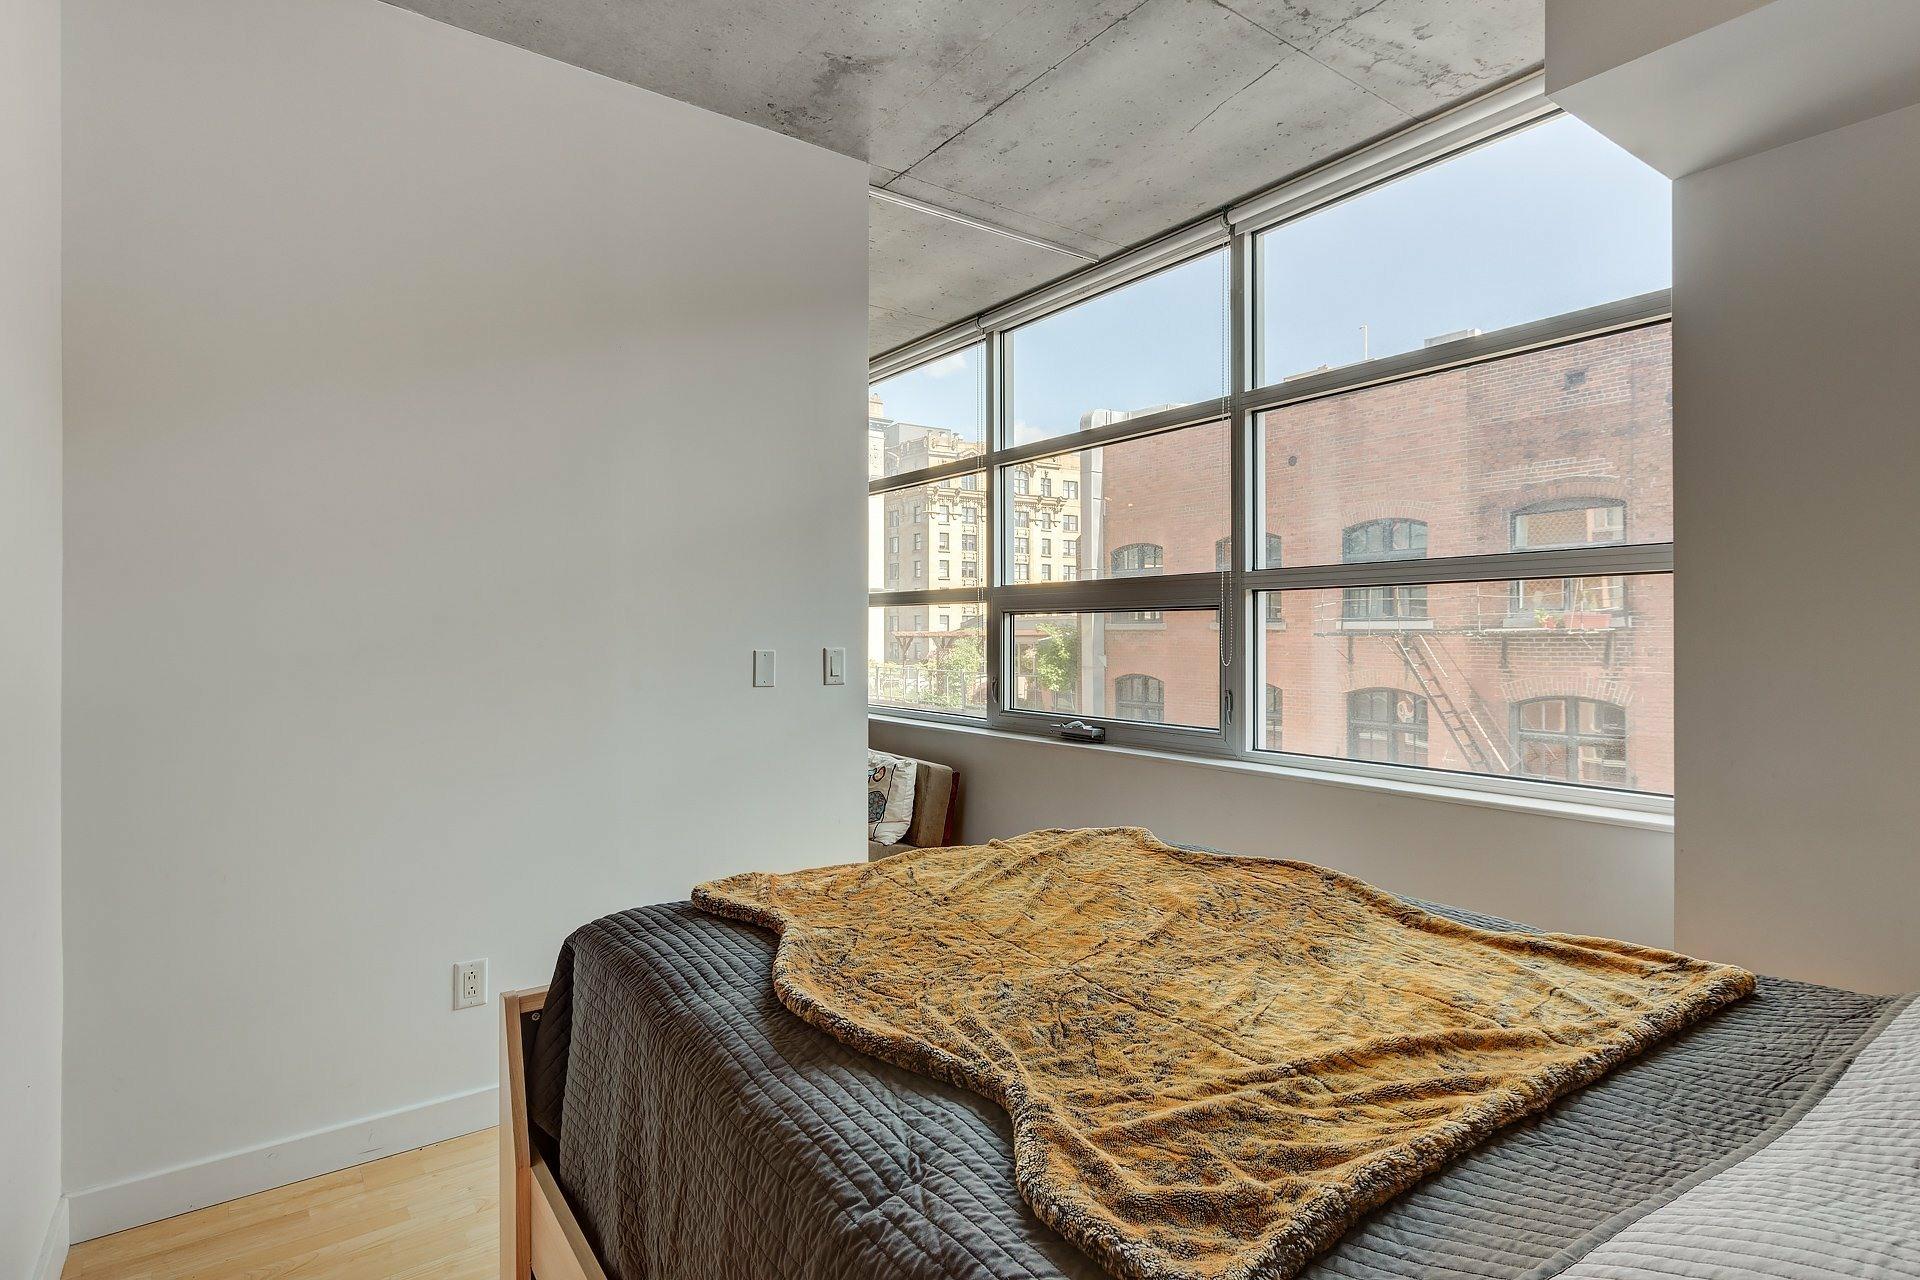 image 10 - Apartment For rent Ville-Marie Montréal  - 3 rooms